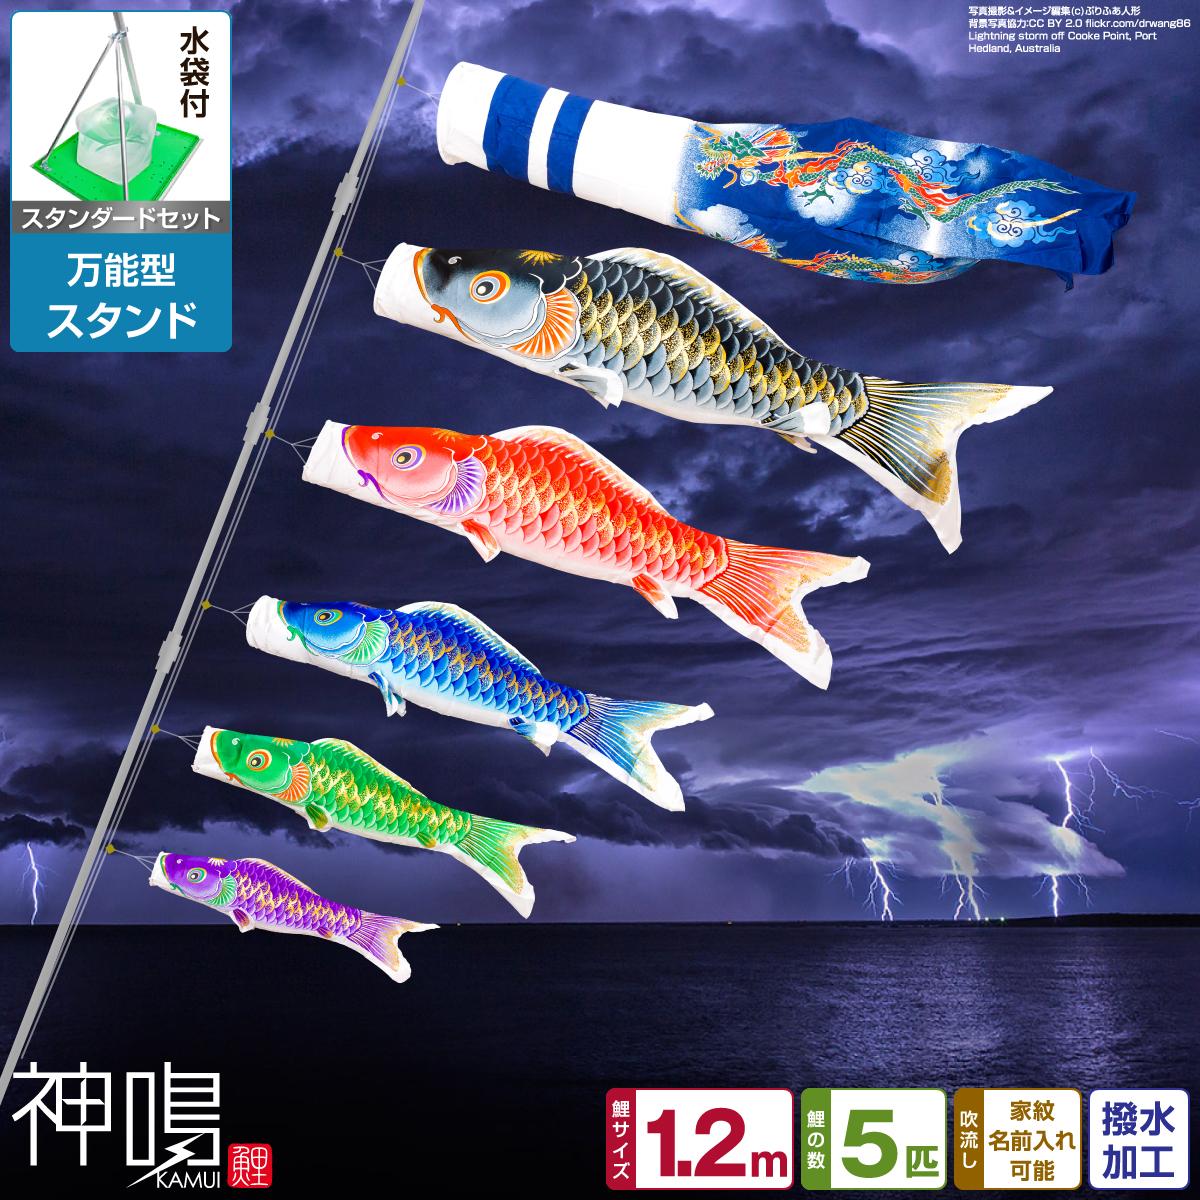 鯉のぼり ベランダ/庭/兼用 神鳴鯉-KAMUI- 1.2m 8点(吹流し+鯉5匹+矢車+ロープ)/スタンダードセット(万能スタンド)